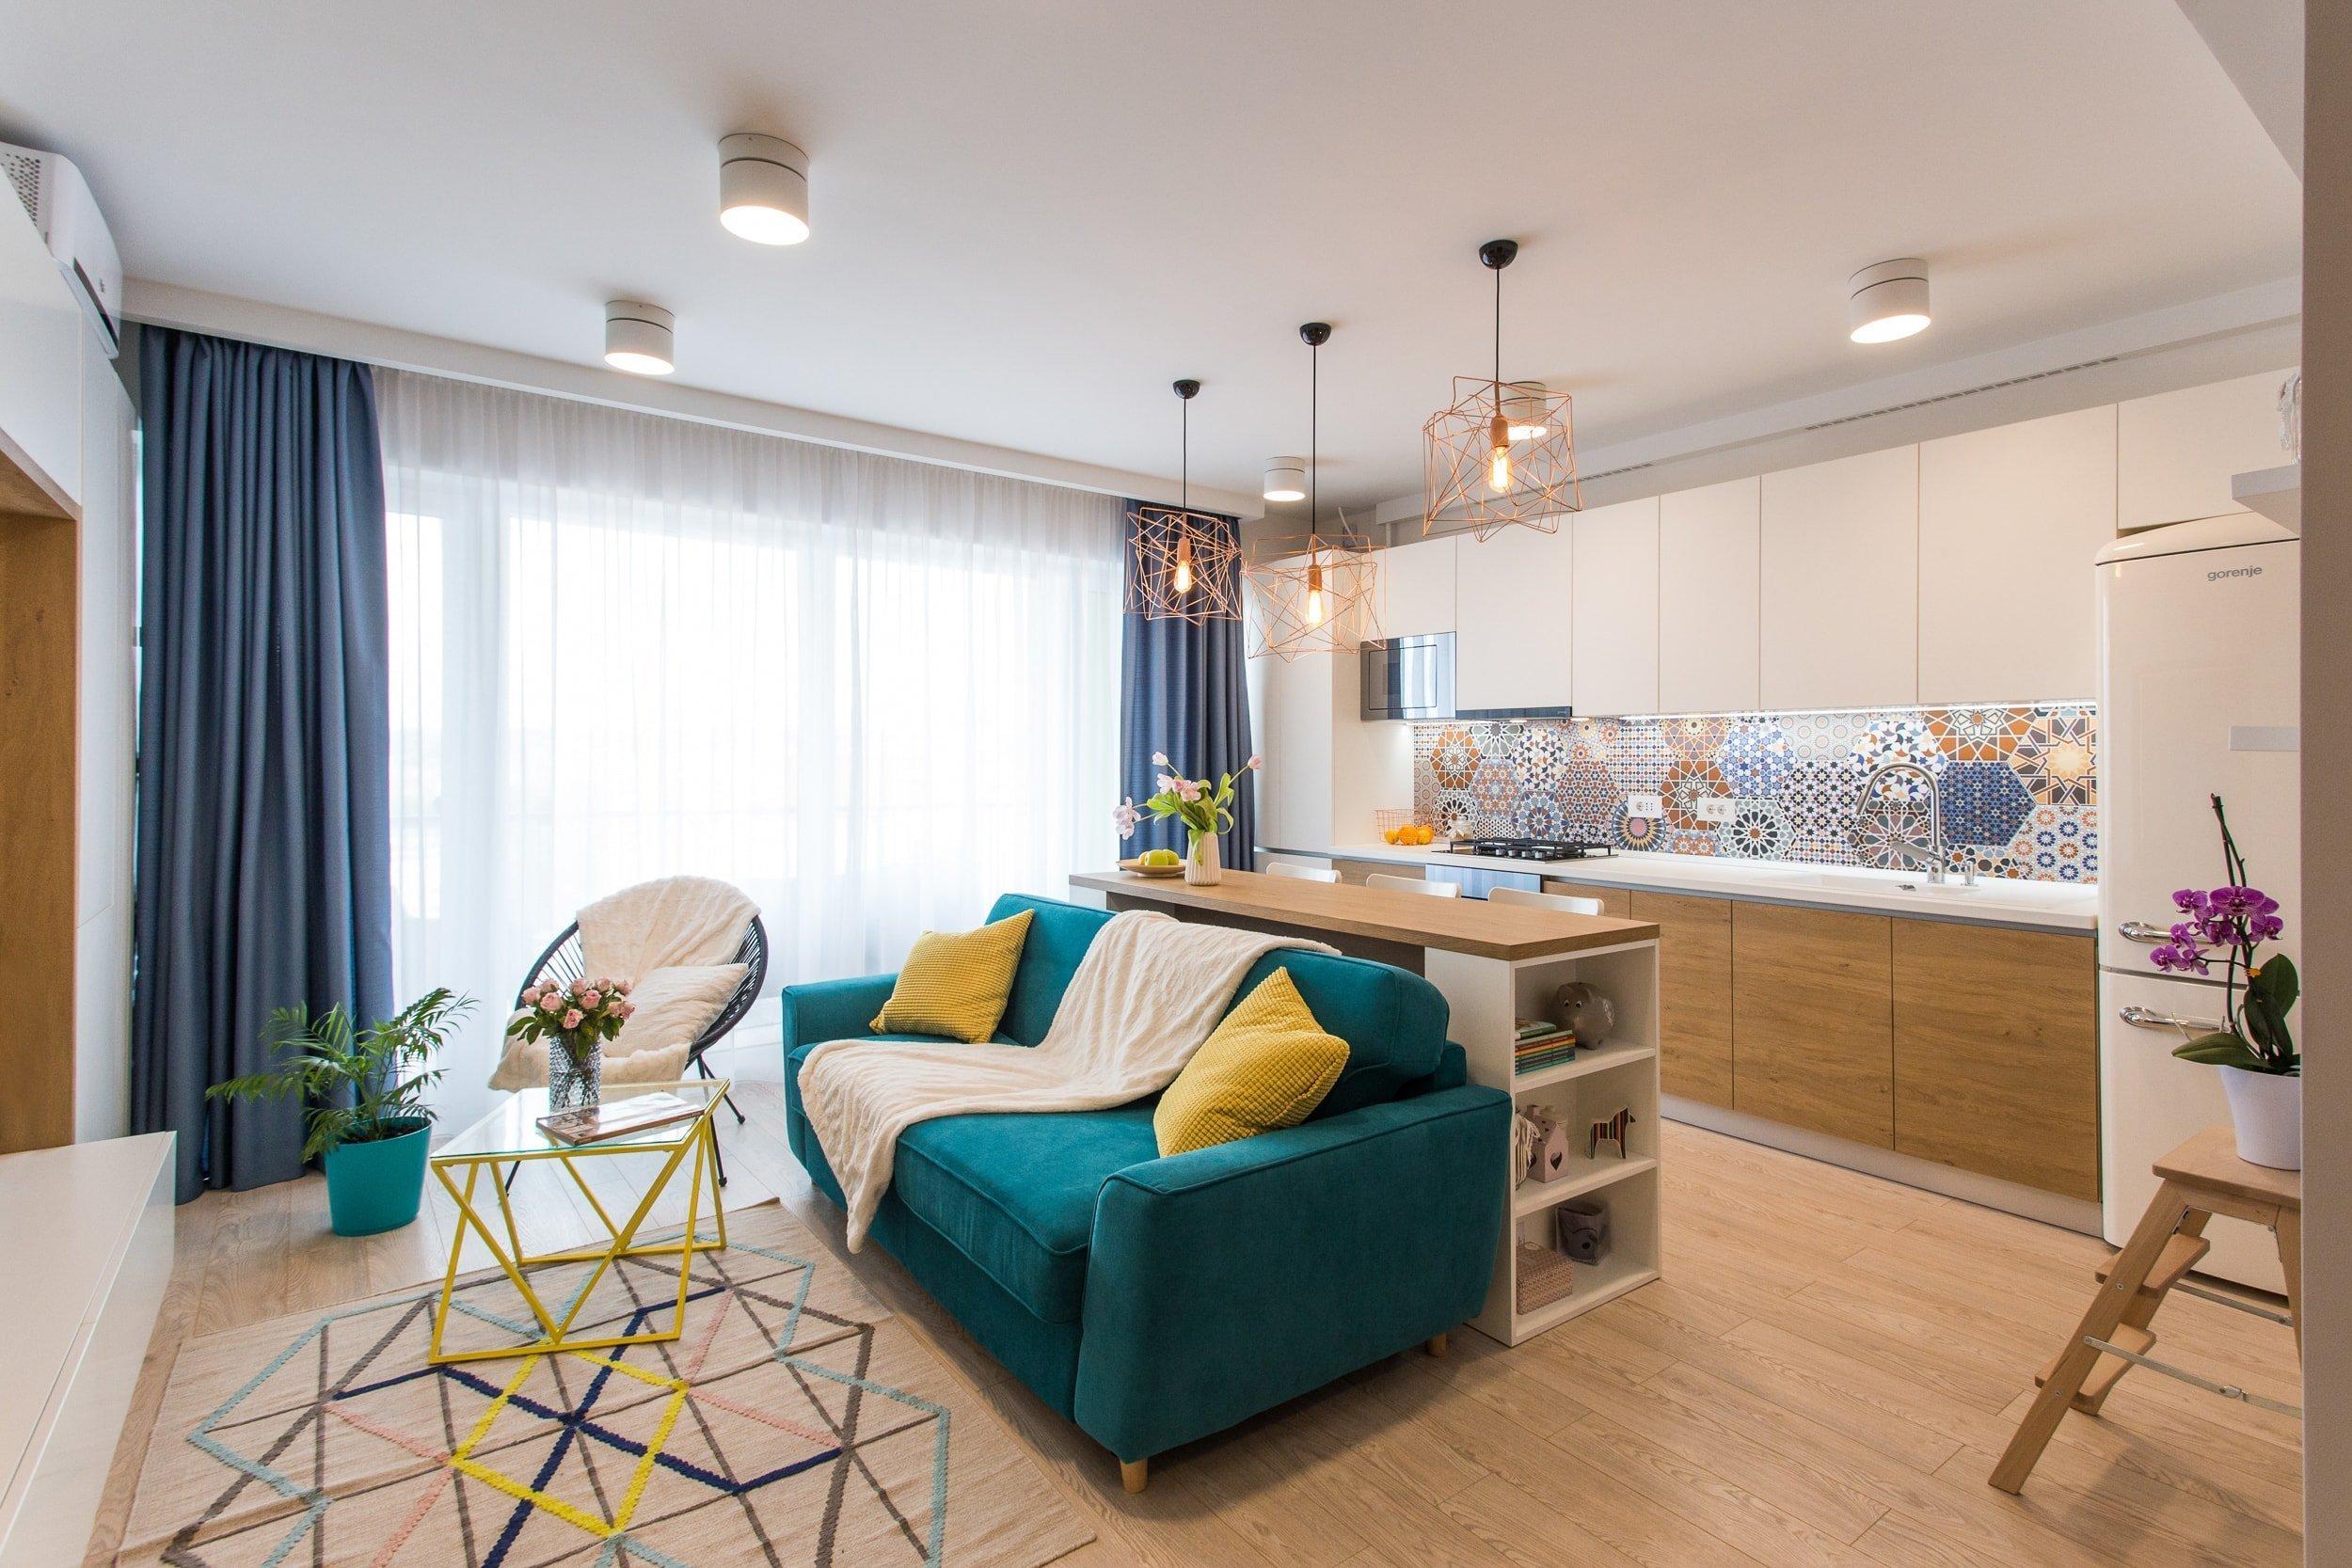 Menší světlý byt se spoustou úložného prostoru, praktický, ale zároveň hravý. Tak by se dalo popsat bydlení, které si dnes ukážeme. Inspirovat se můžeme svěžími nápady a neotřelými barevnými kombinacemi, kterými je byt protkán. Je ukázkou toho, že i na nevelkém prostoru se dá vytvořit krásné a pohodlné místo k žití.